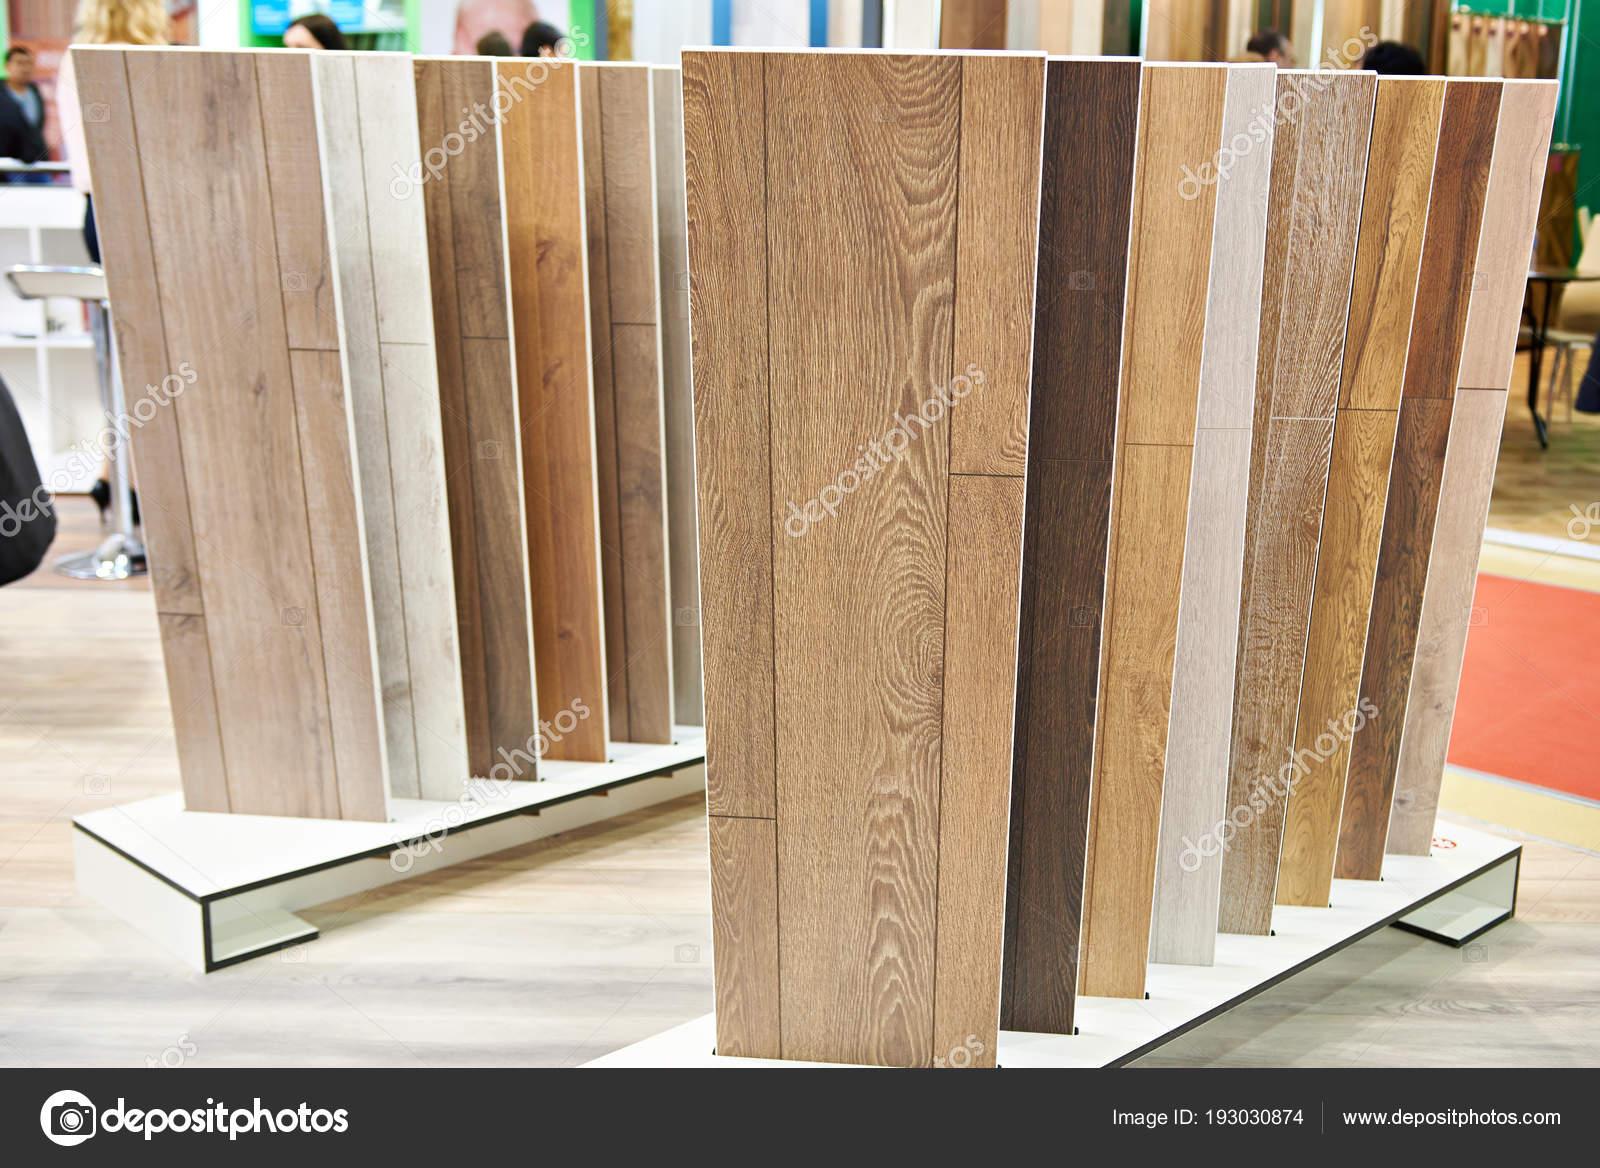 Dekoracyjne Panele Drewniane W Sklepie Zdjęcie Stockowe